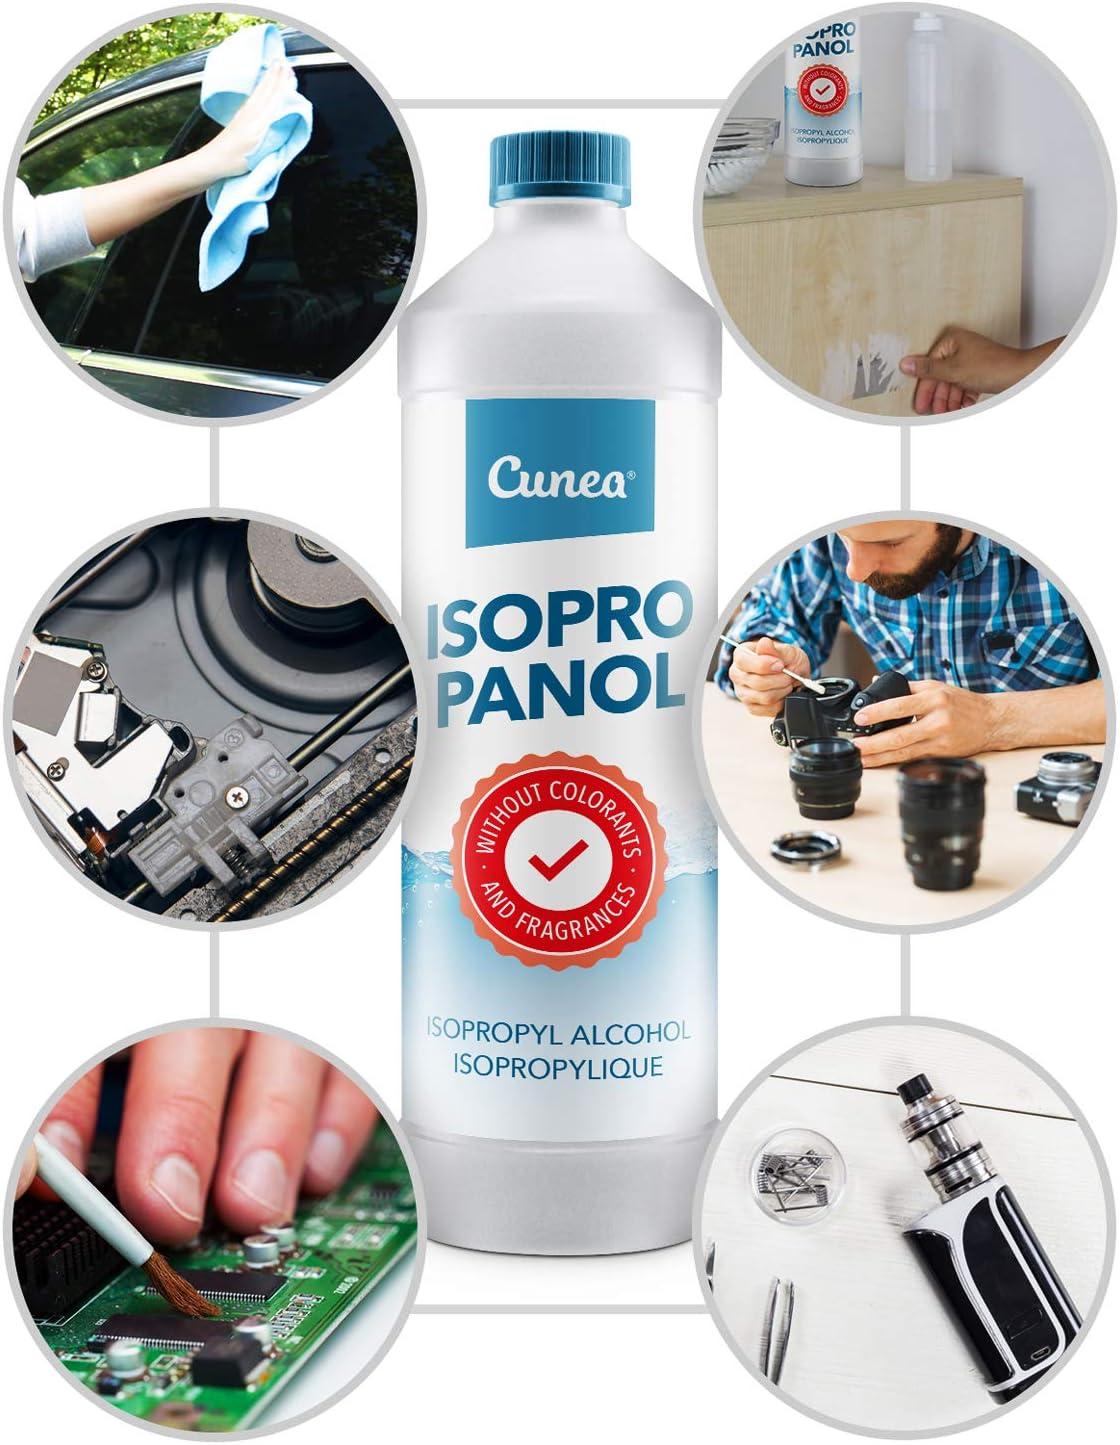 Isopropanol 99 9 Geeignet Als Fettlöser 3 Liter Reinigungsflüssigkeit Drogerie Körperpflege